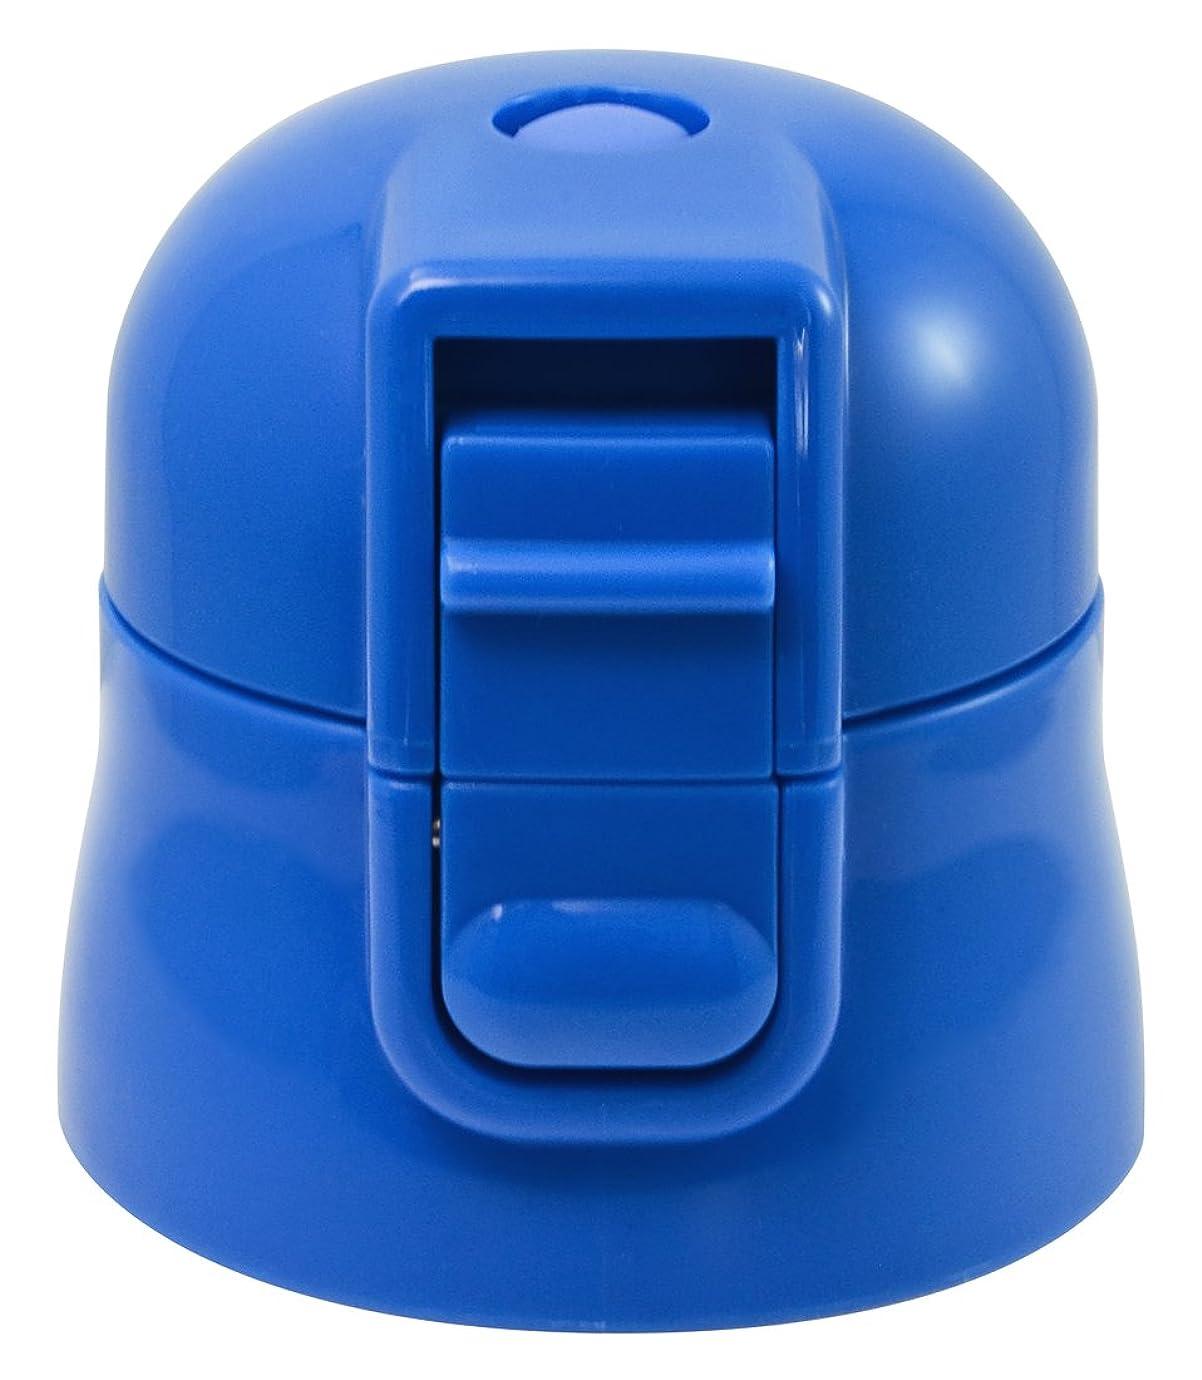 麺興奮する聴くスケーター キャップユニット ブルー 470ml用 P-SDC4-CU